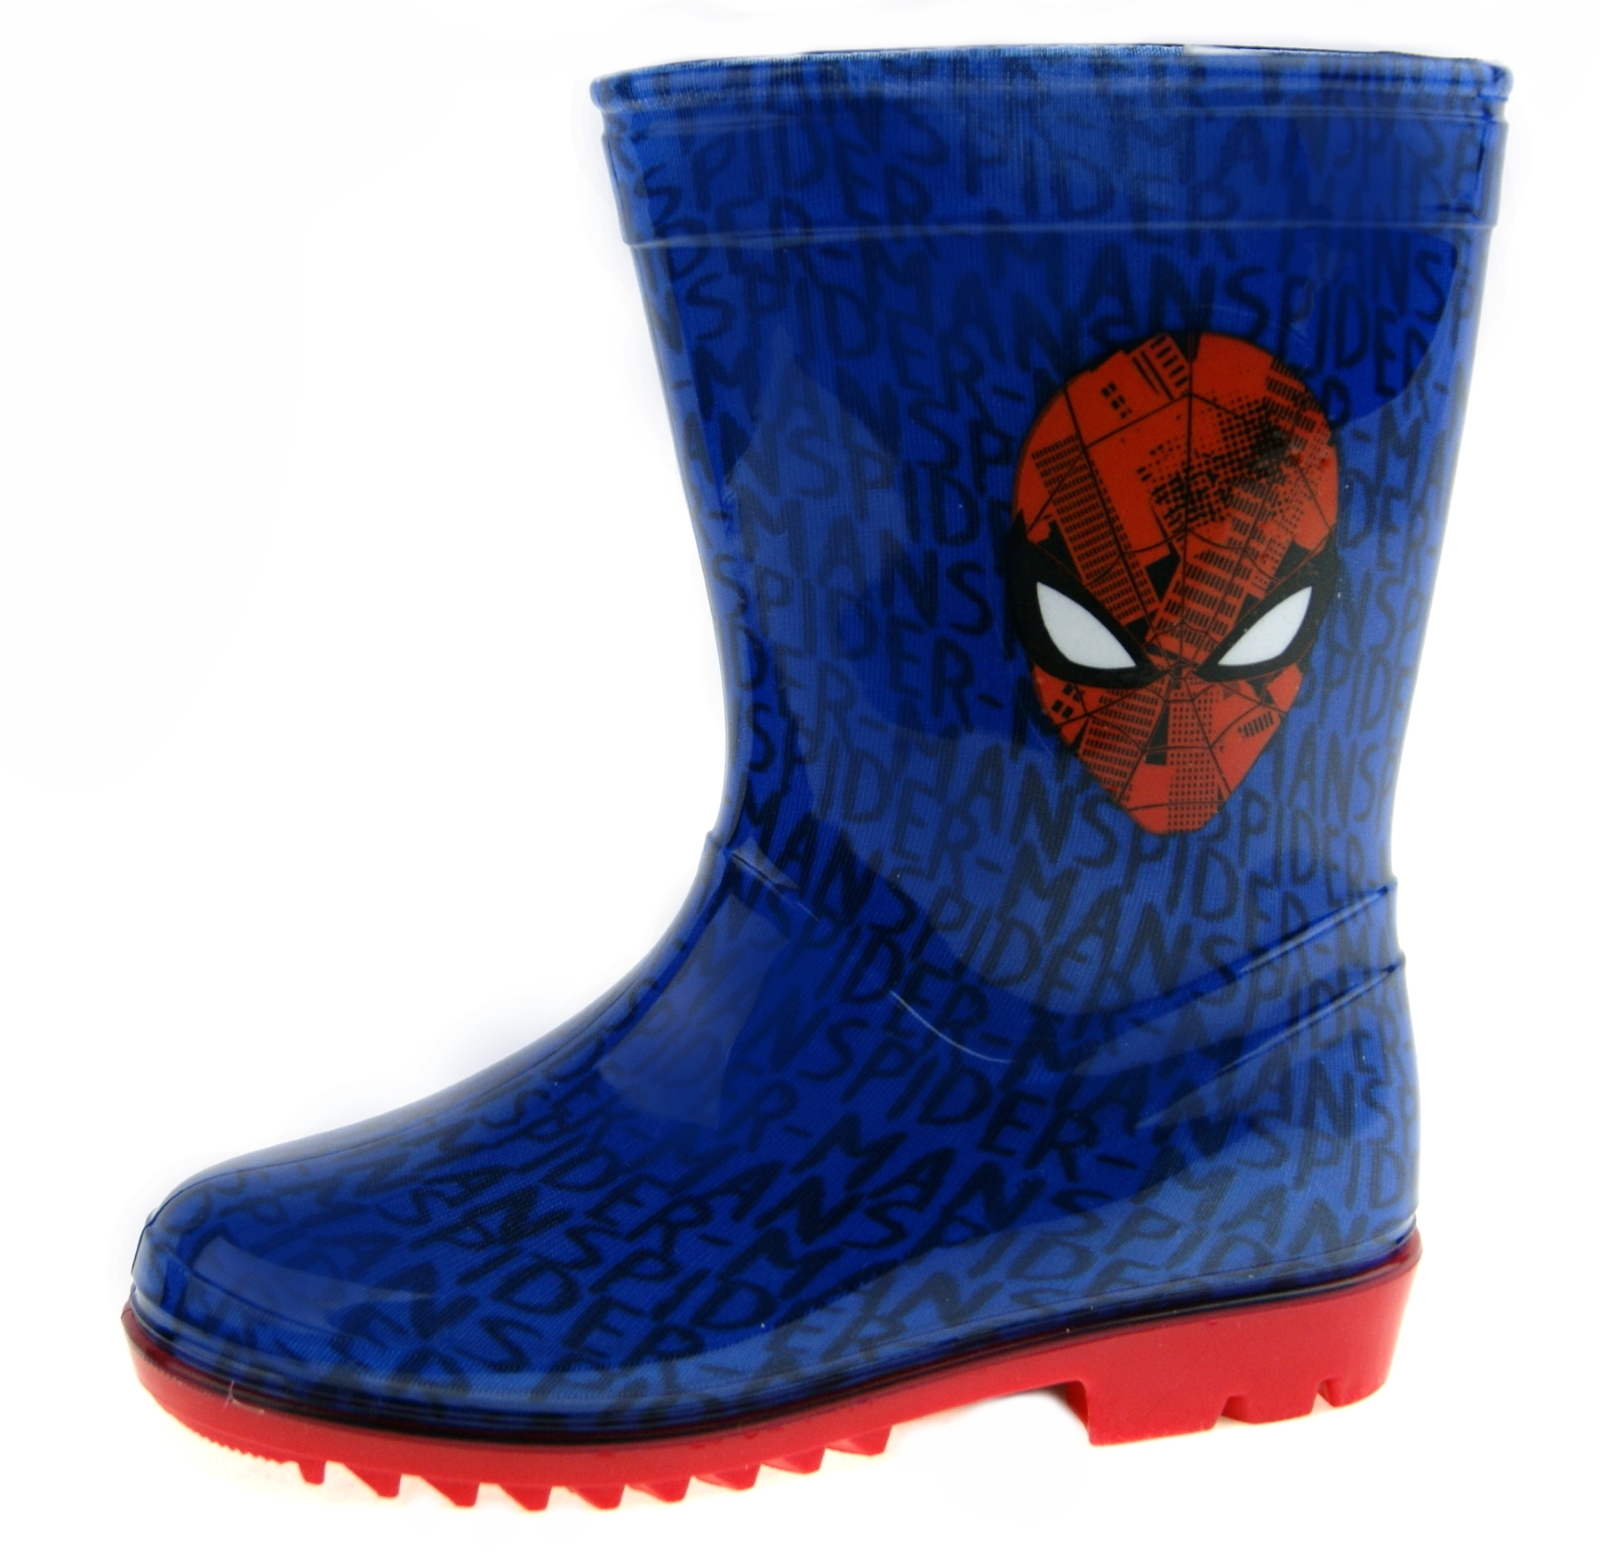 Garçons Spiderman Wellington Bottes Pluie Neige Bottes D/'hiver WELLYS chaussures enfant taille